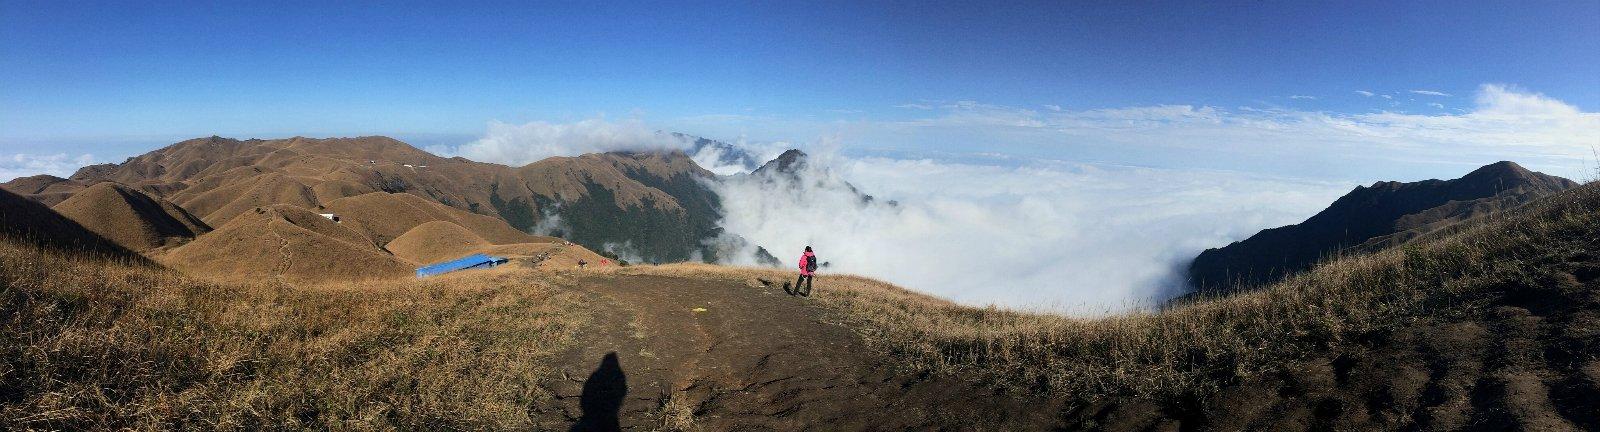 脚 反穿武功山 心 抵达云的另一端